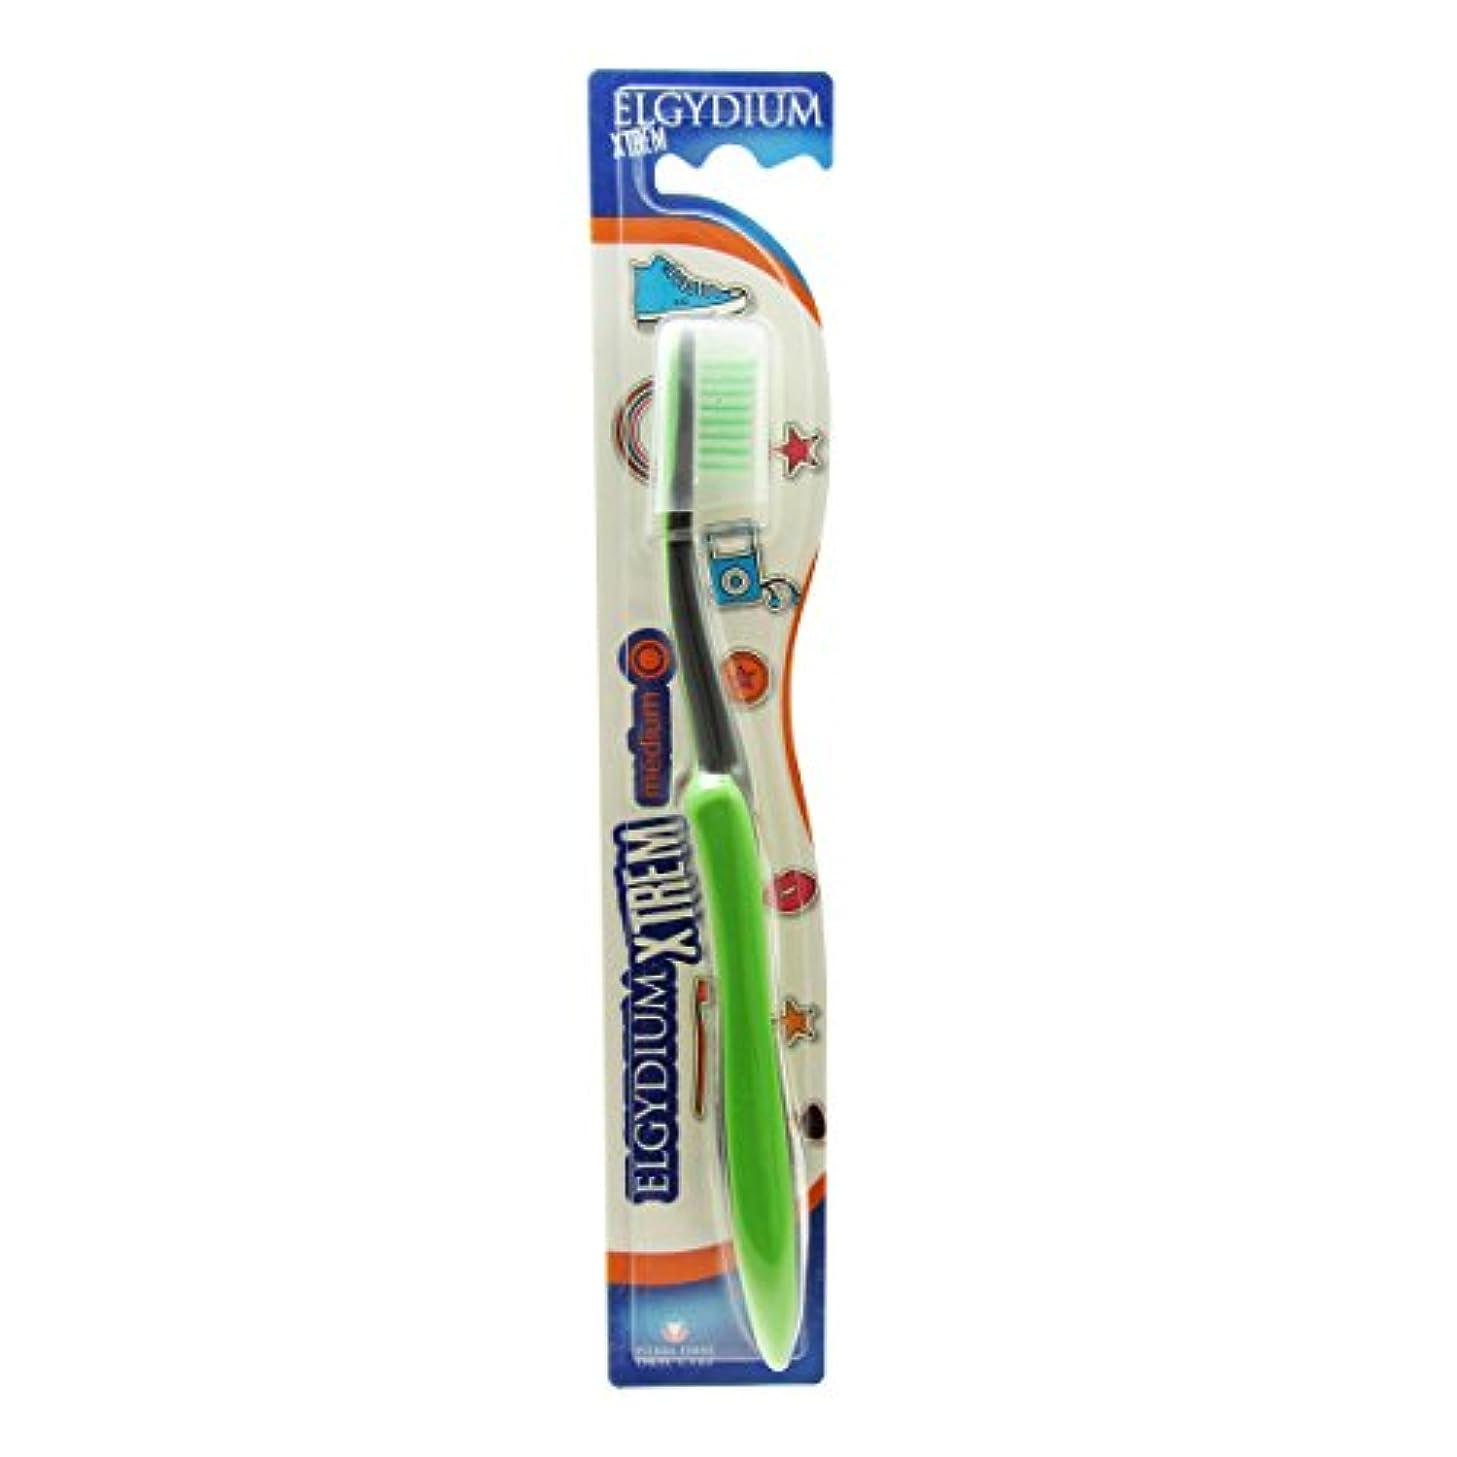 クライアントカバレッジかび臭いElgydium Xtrem Toothbrush Medium Hardness [並行輸入品]